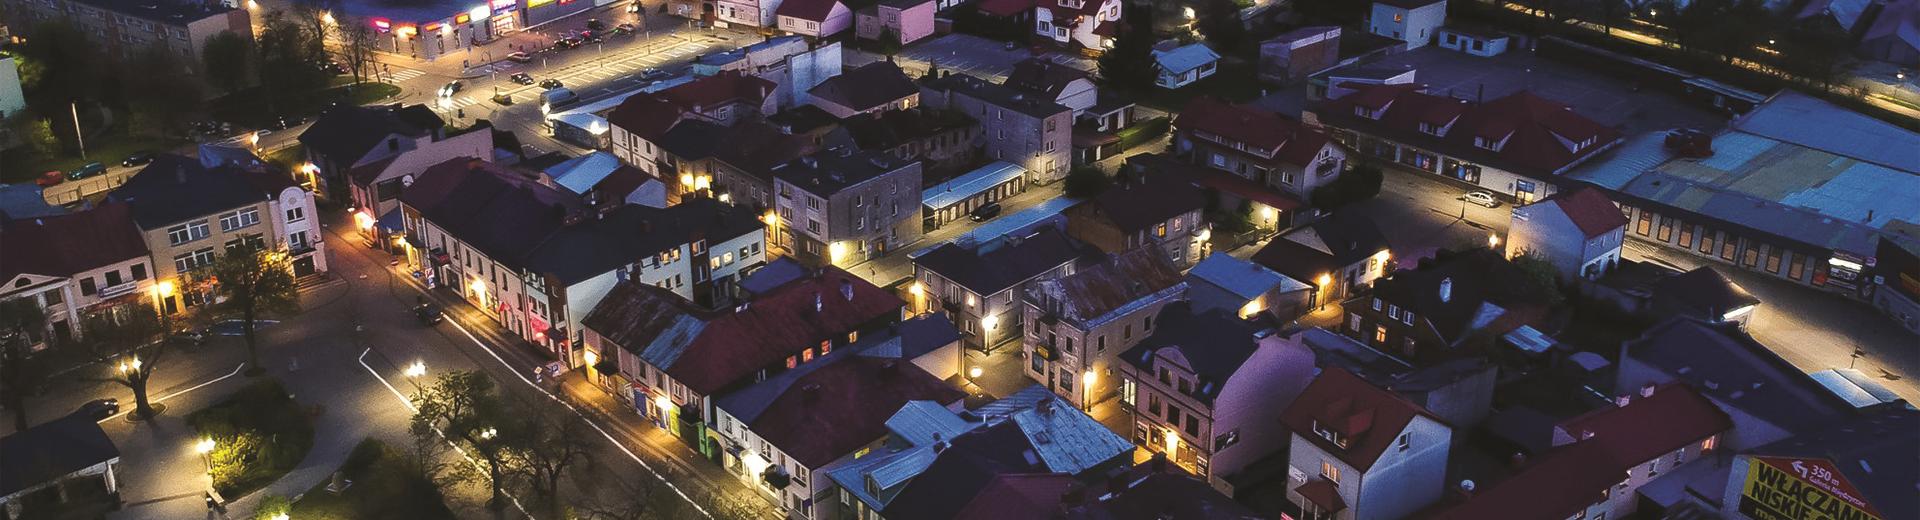 Miasto nagrodzone za inwestycję oświetleniową